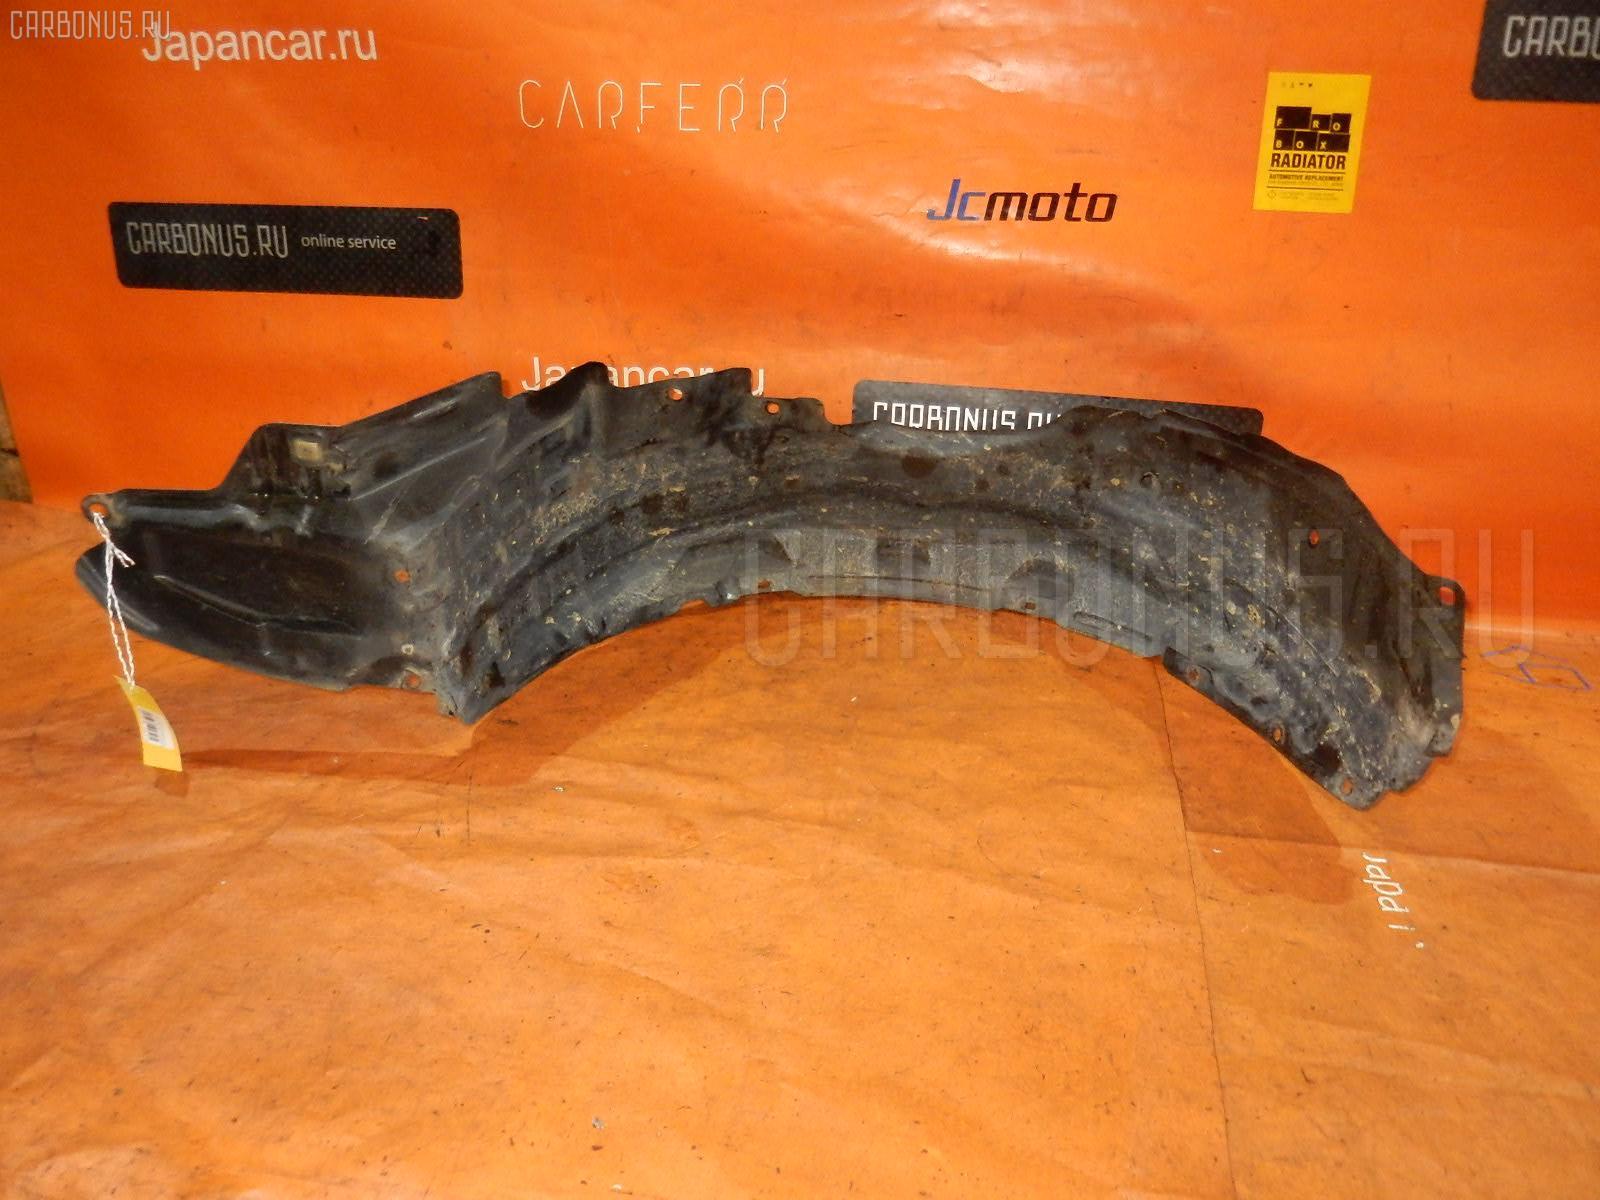 Подкрылок TOYOTA CORONA PREMIO AT210 4A-FE Фото 1